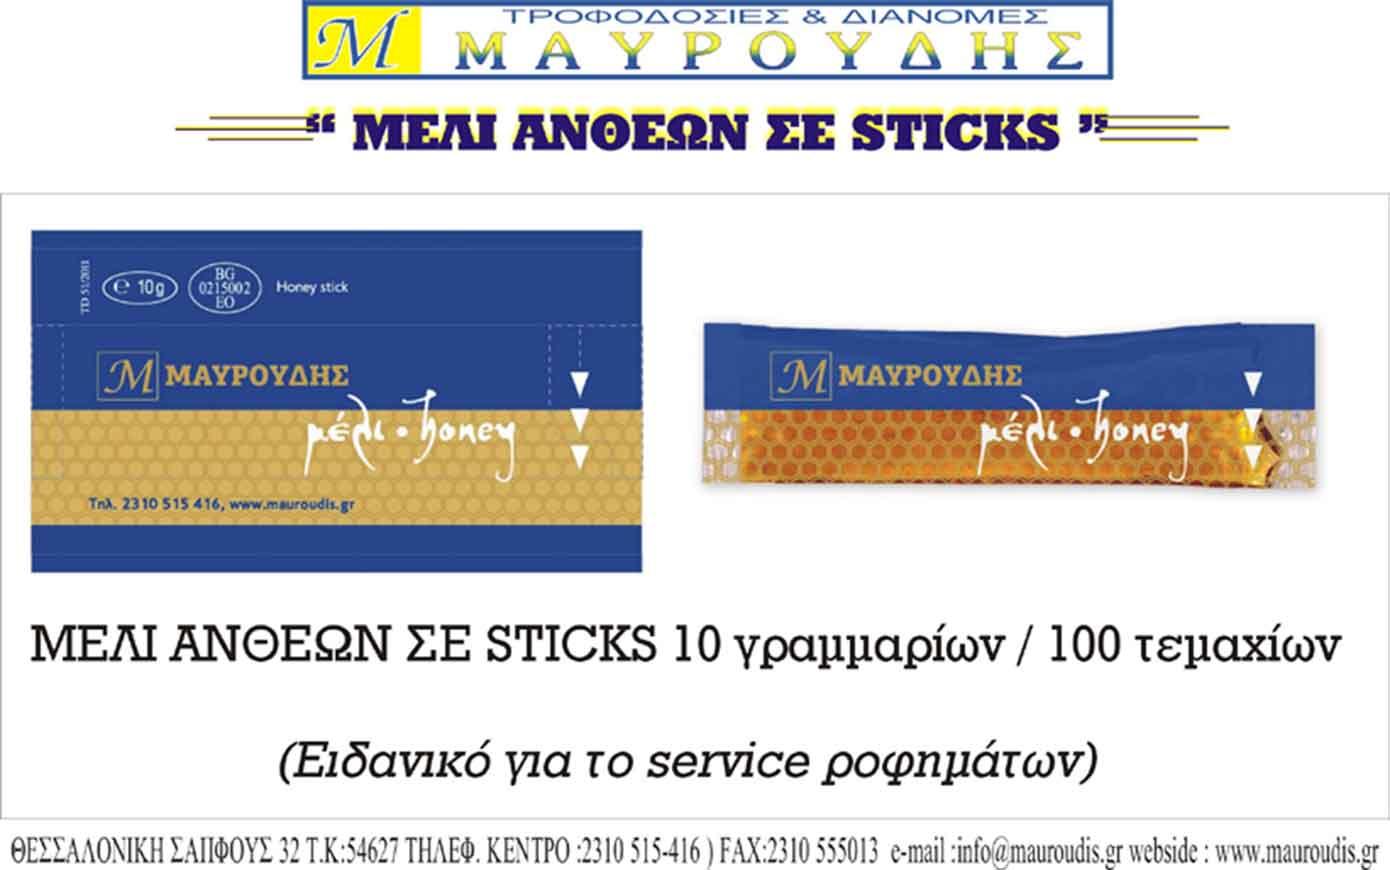 μελι-ανθεων-ςε-μεριδες-sticks